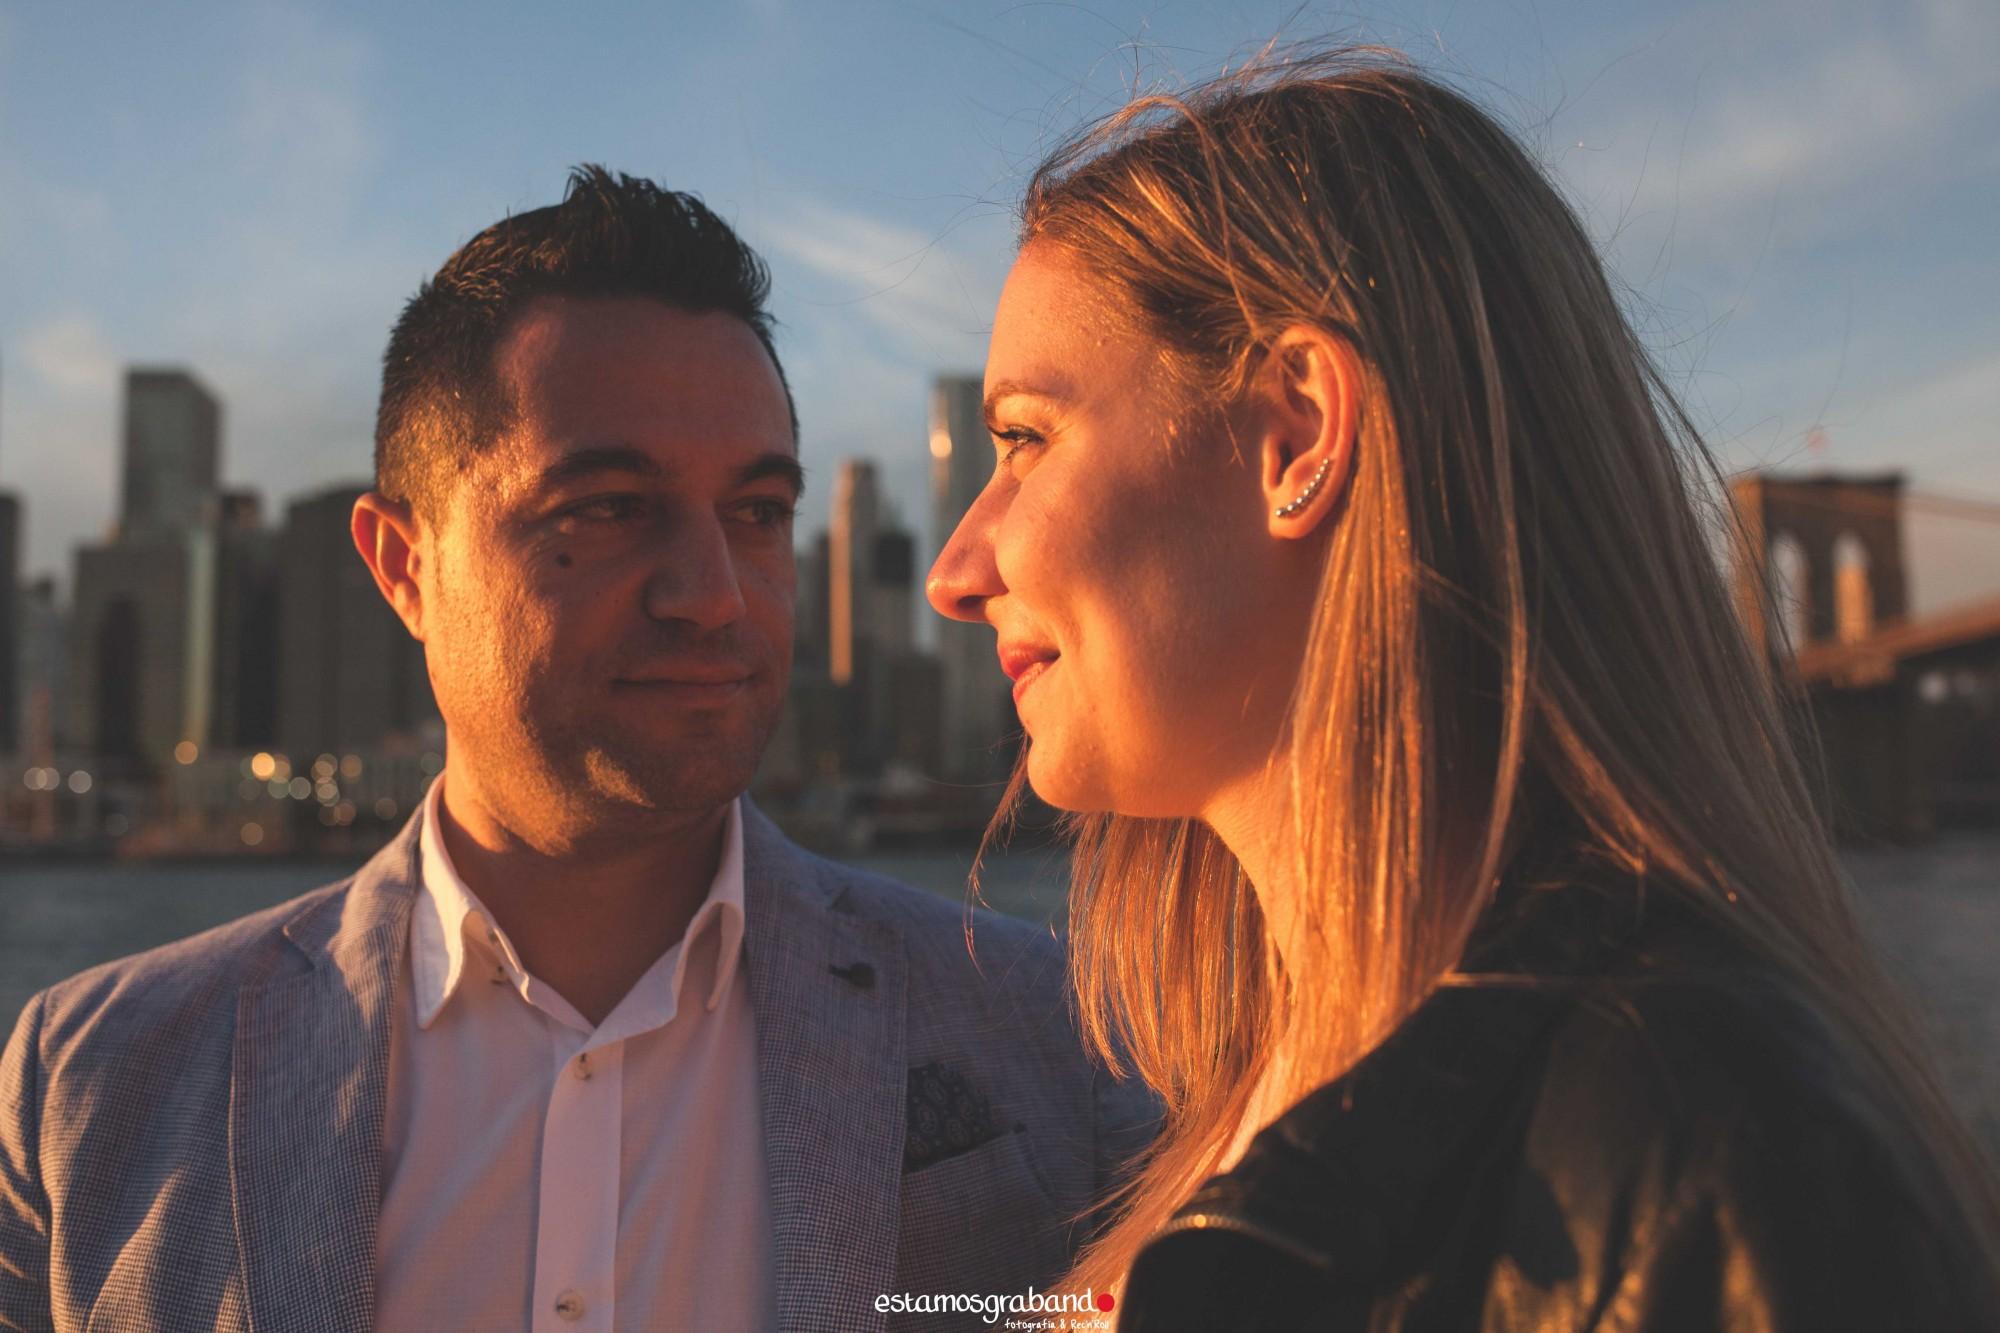 Postboda-Nueva-York-Alba-y-Jose-21-de-29 Alba & José - video boda cadiz